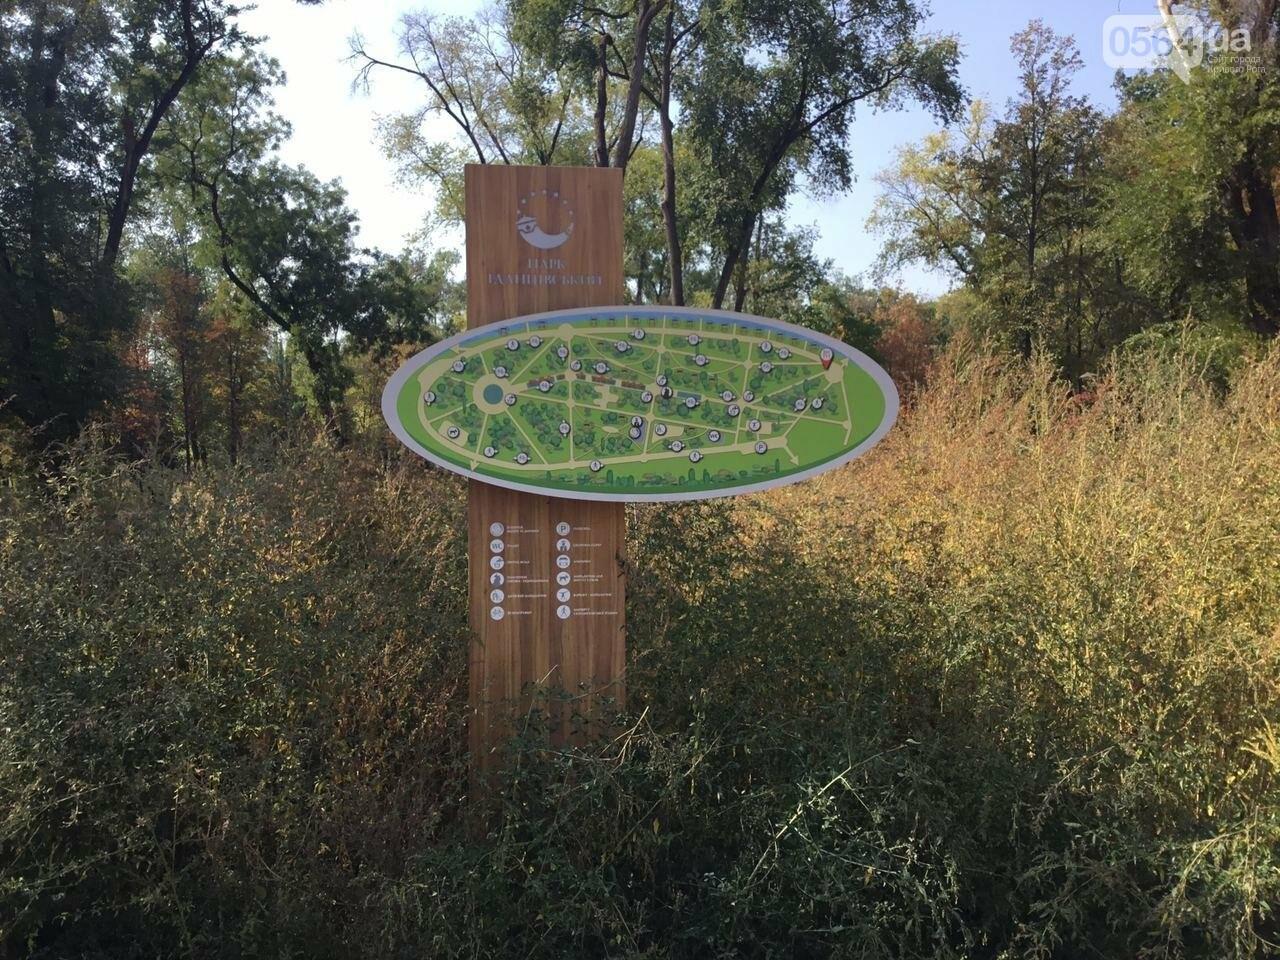 """""""Политика и бесхозяйственность"""", - криворожане поделились мнениями о Гданцевском парке, - ФОТО, ВИДЕО, фото-3"""